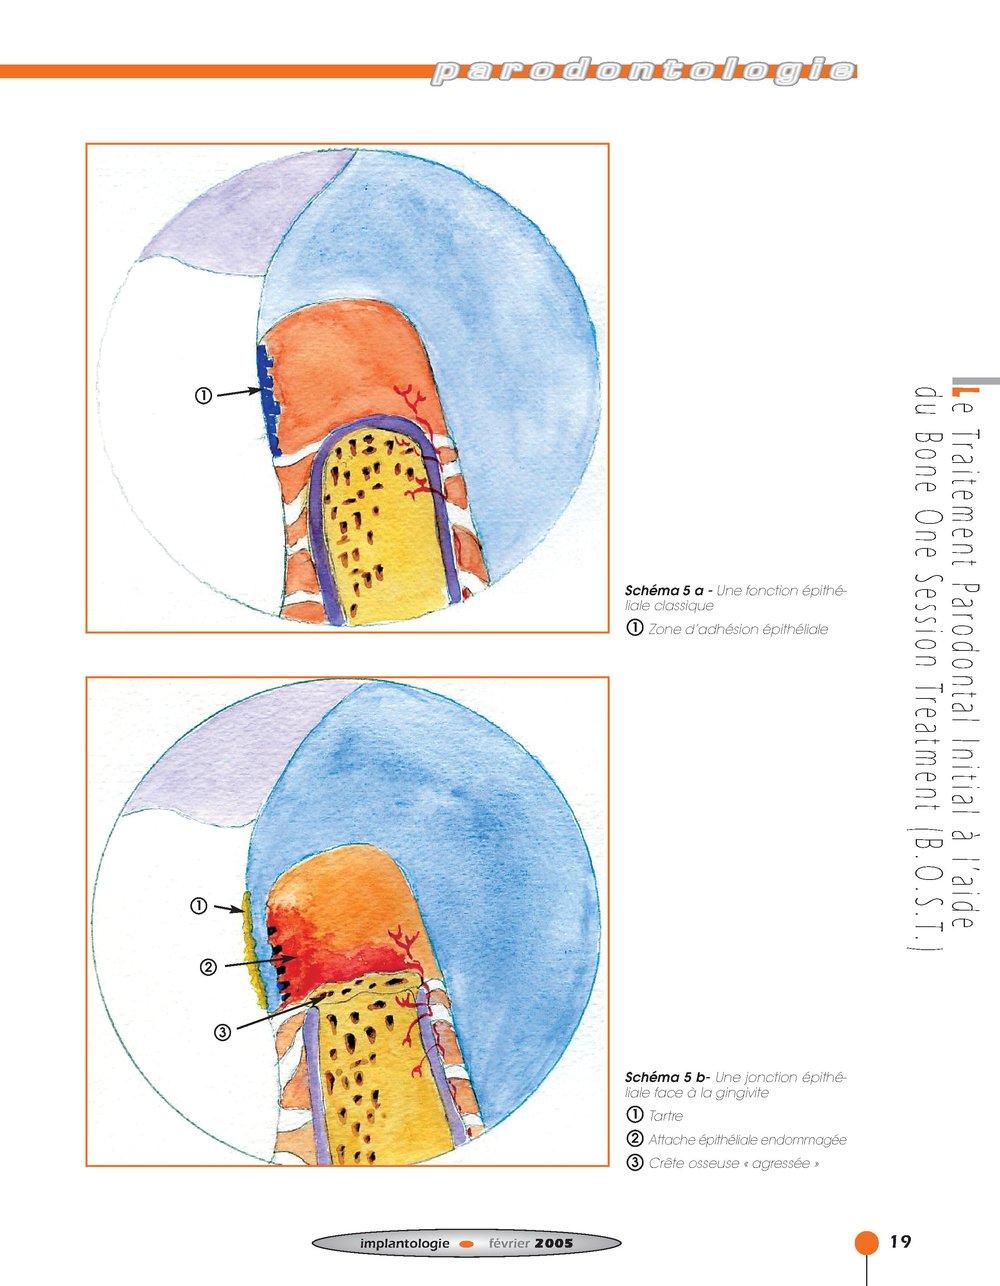 Implantologie BOST Article 14 BLZ-13.jpg